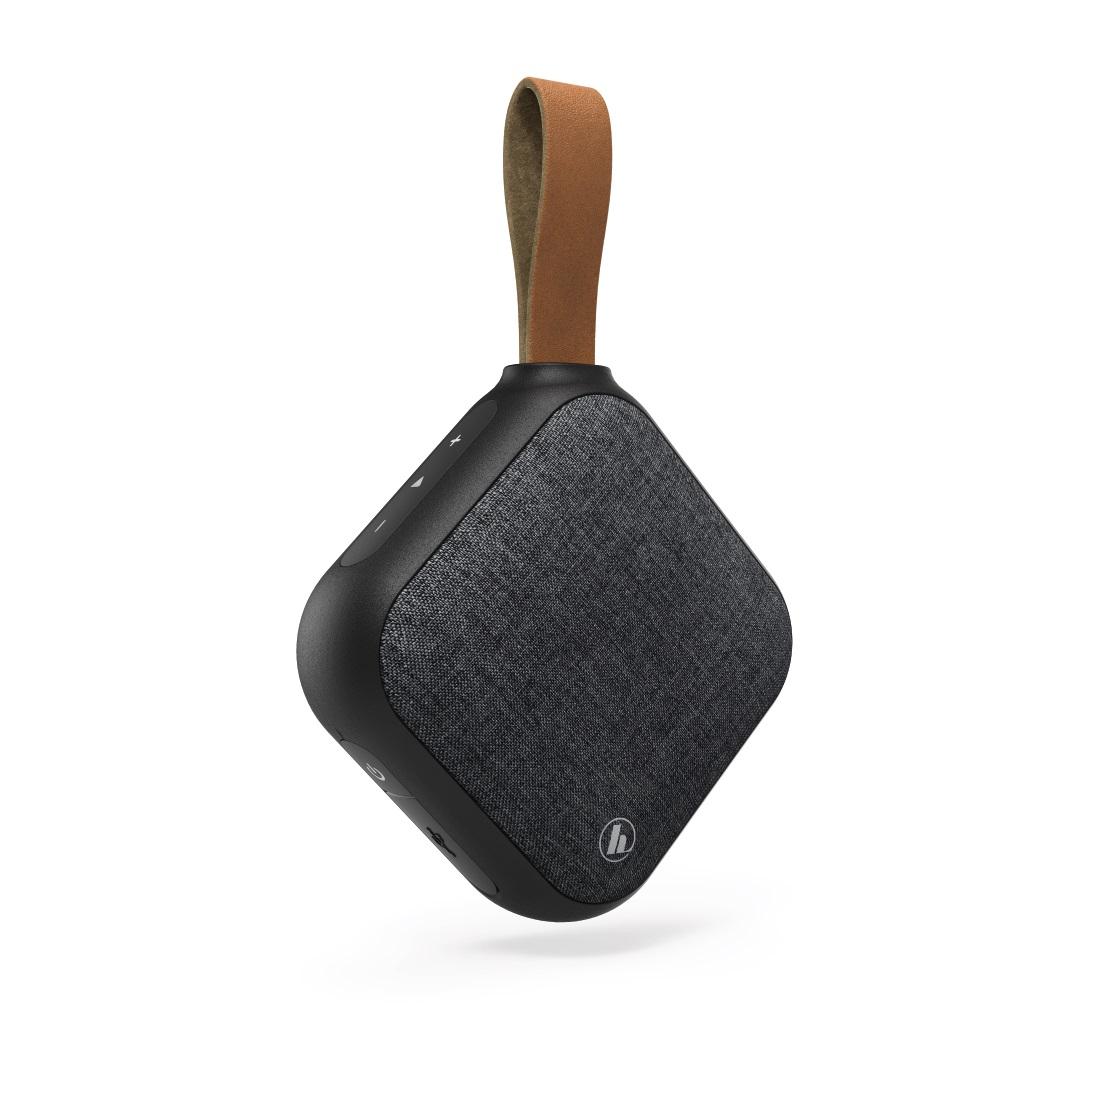 HAMA Gentleman-S Mobile Bluetooth Speaker